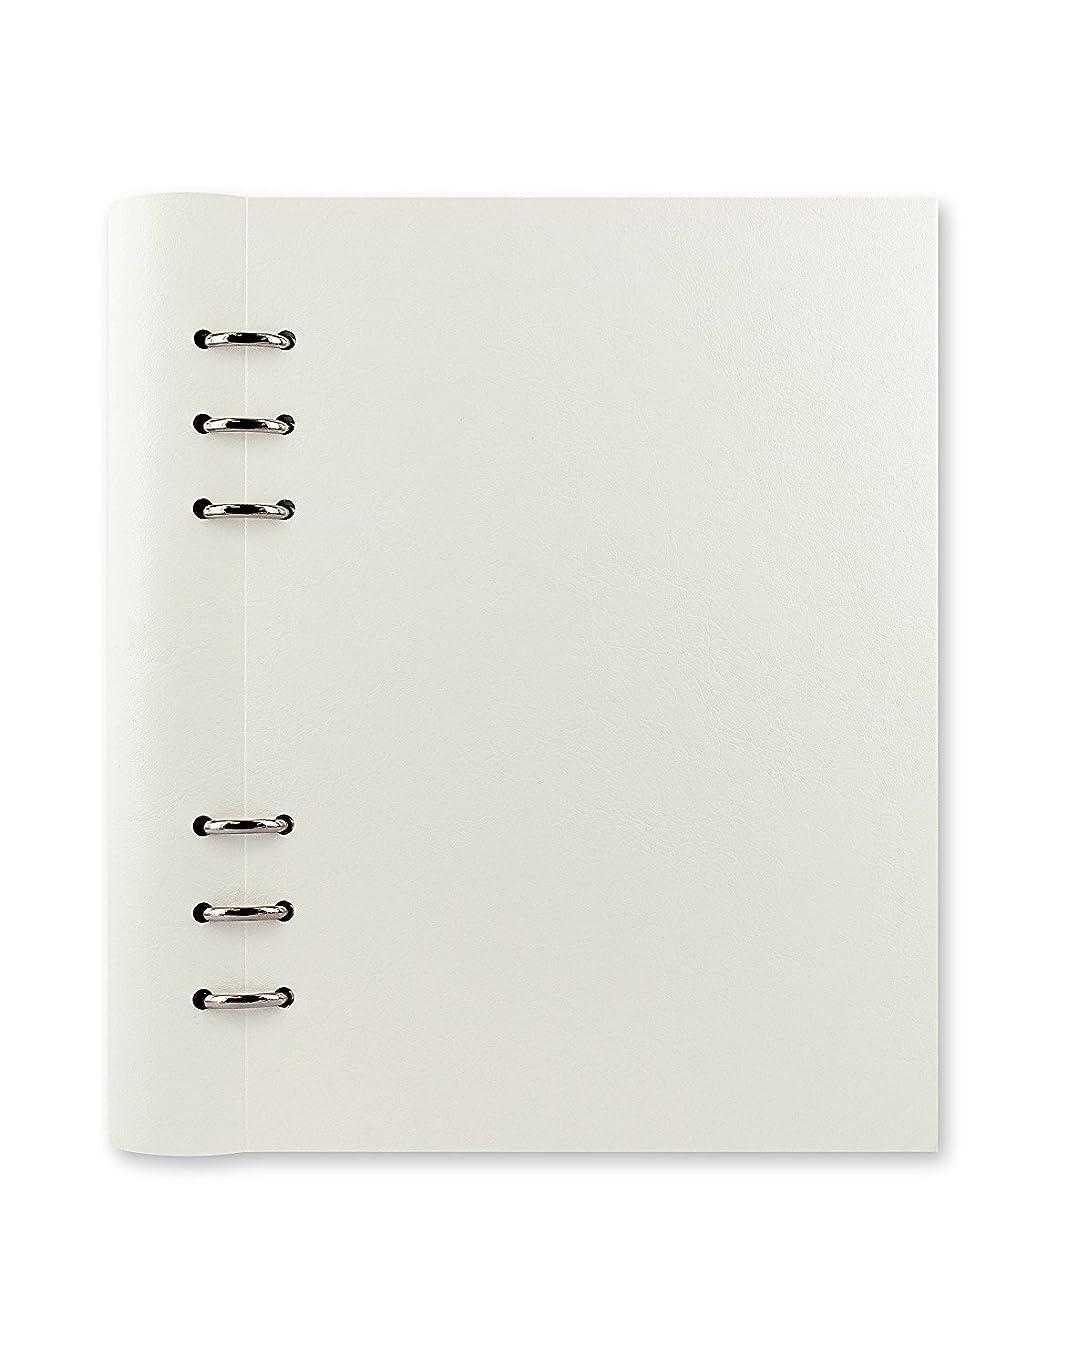 投資社説の量ファイロファックス システム手帳 クリップブック A5 ホワイト 23610 [並行輸入品]